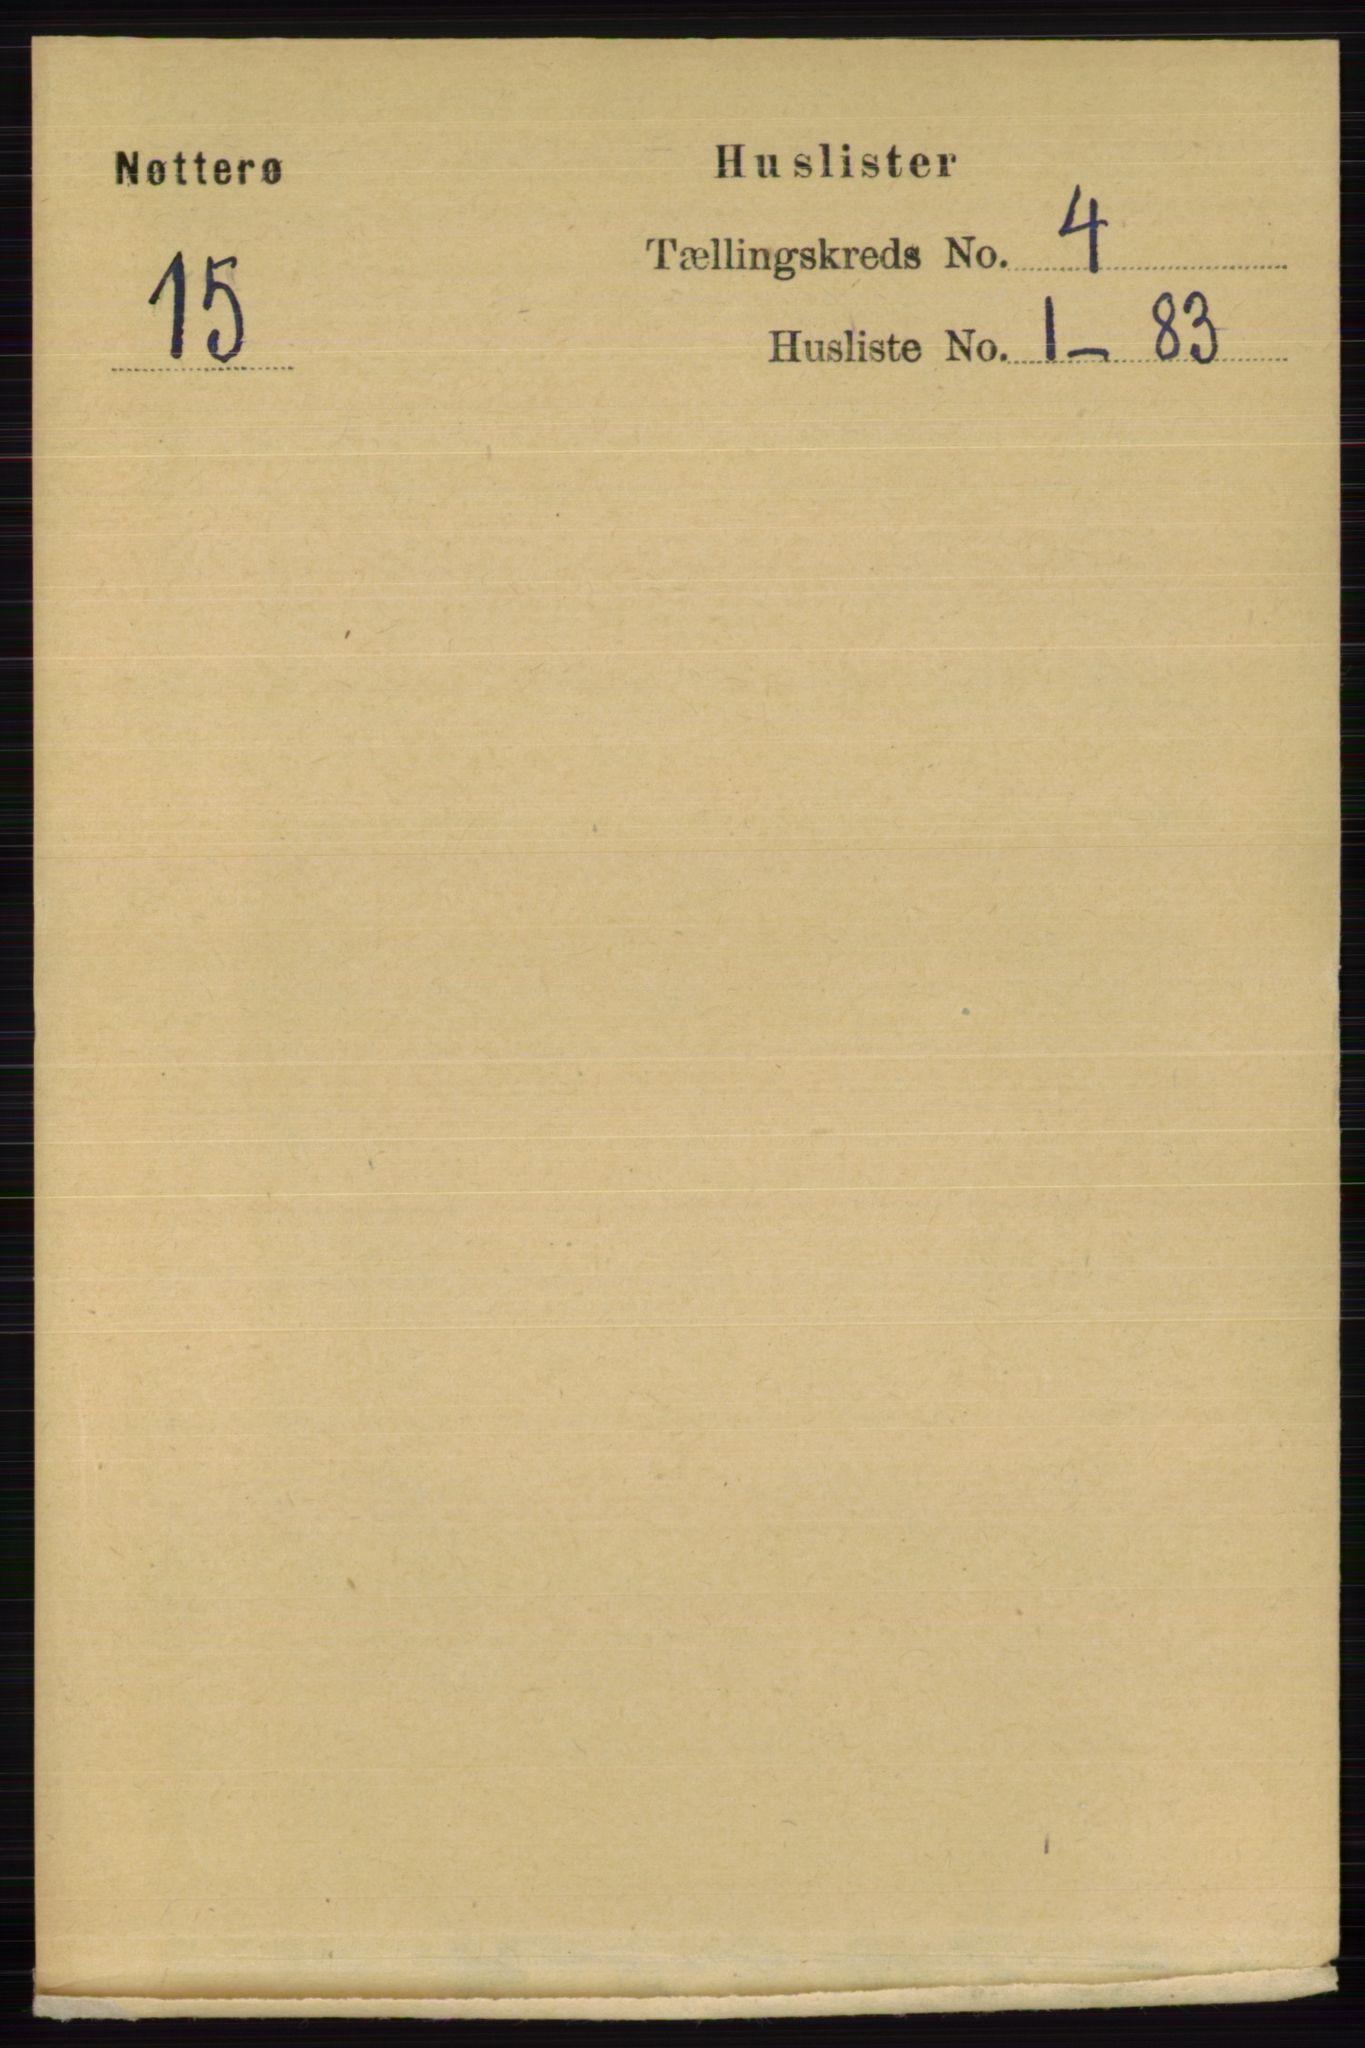 RA, Folketelling 1891 for 0722 Nøtterøy herred, 1891, s. 1941